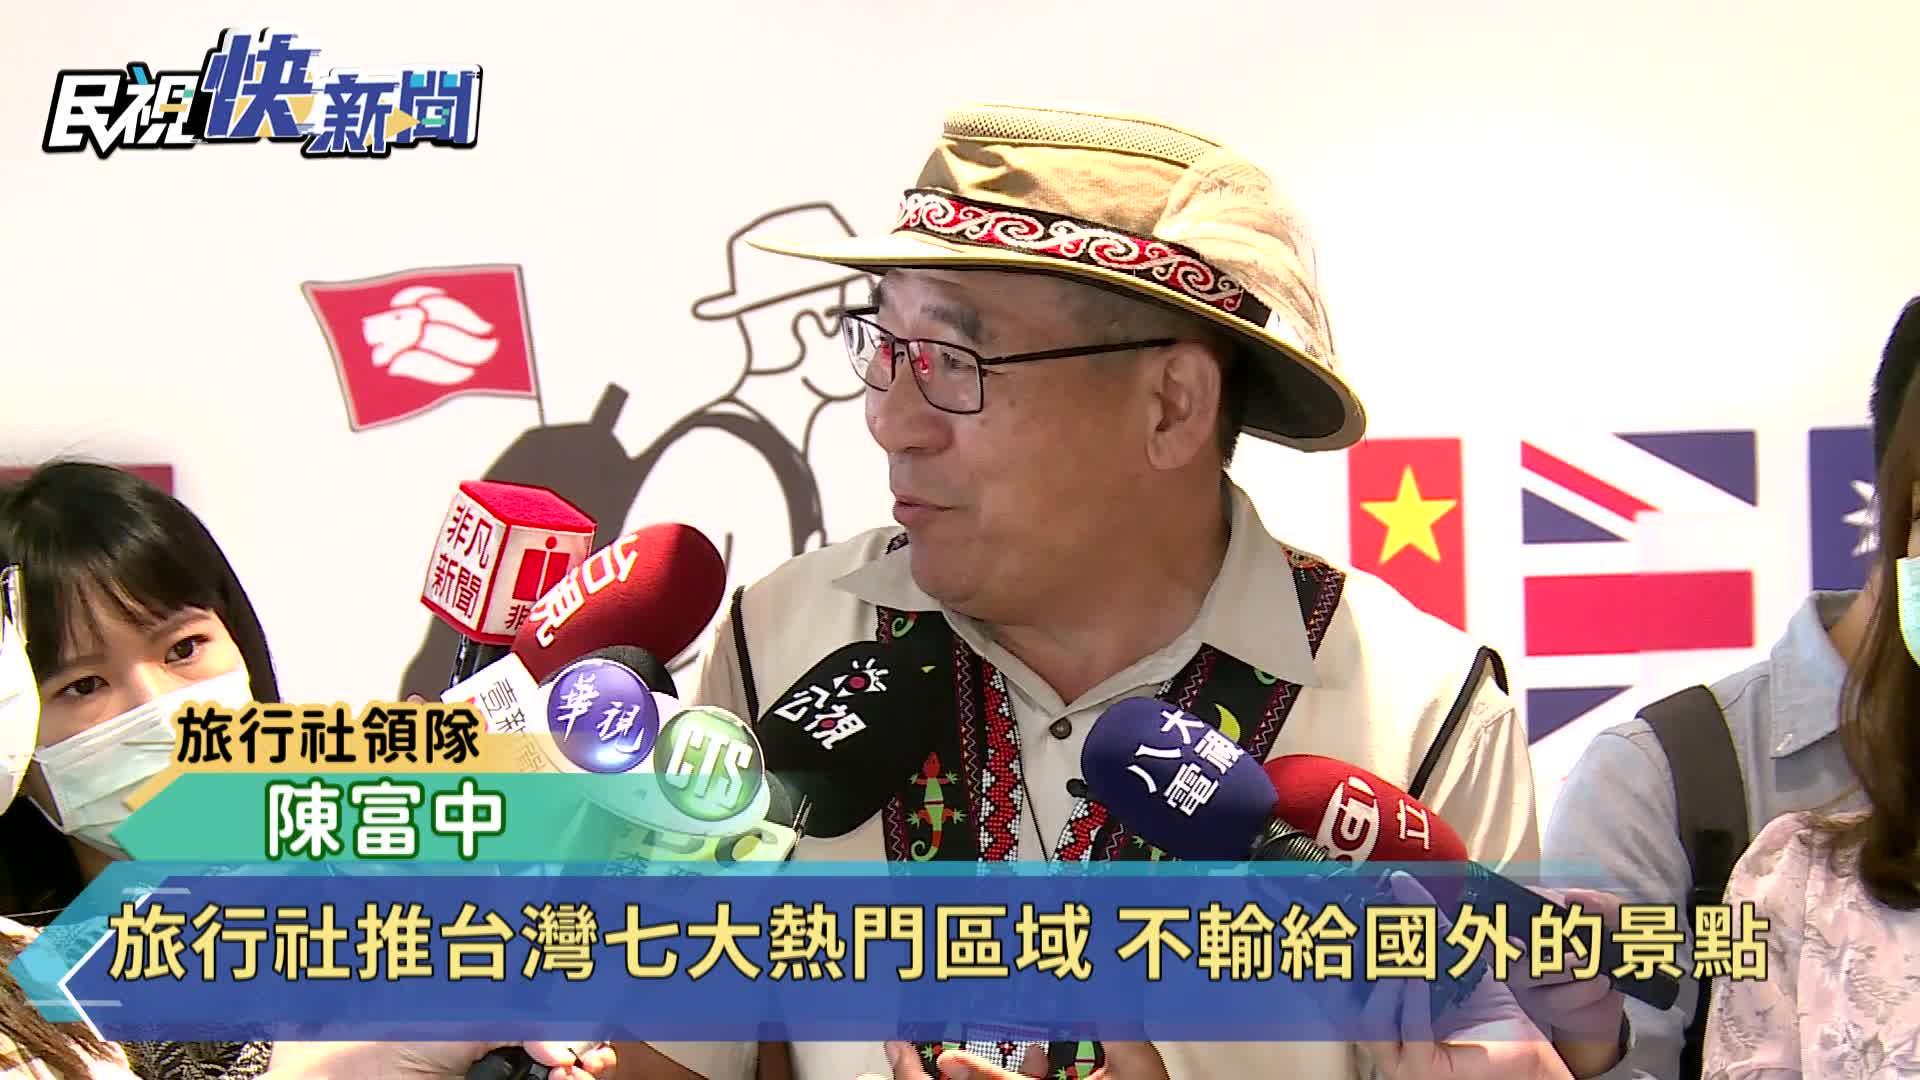 在國內就像出國 台灣七大旅遊點 達人帶路